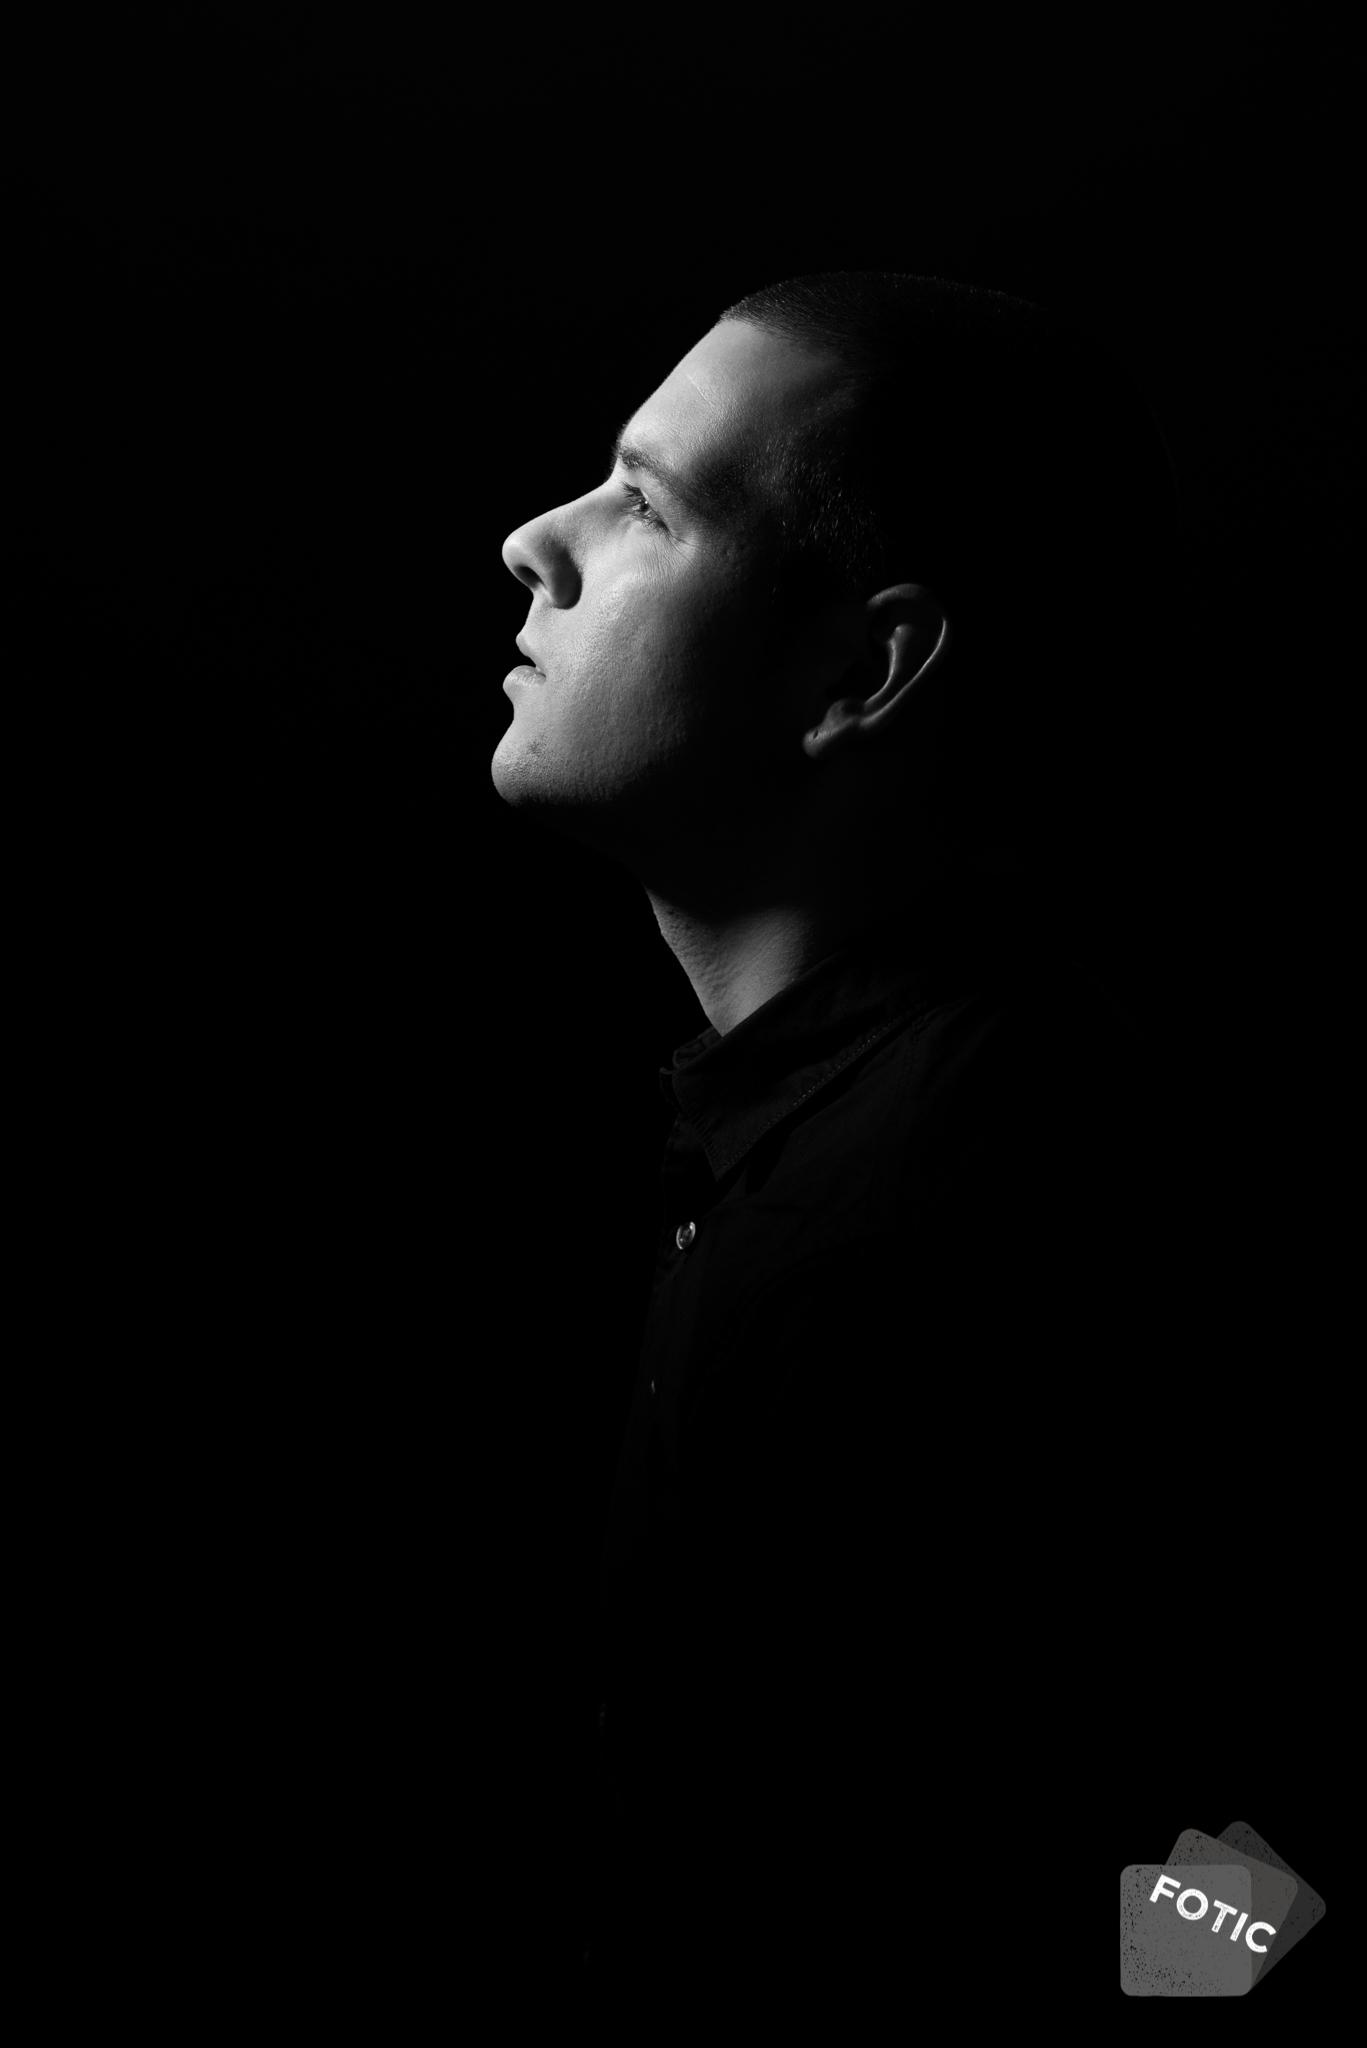 portretfoto Martijn van Keulen zwartwit